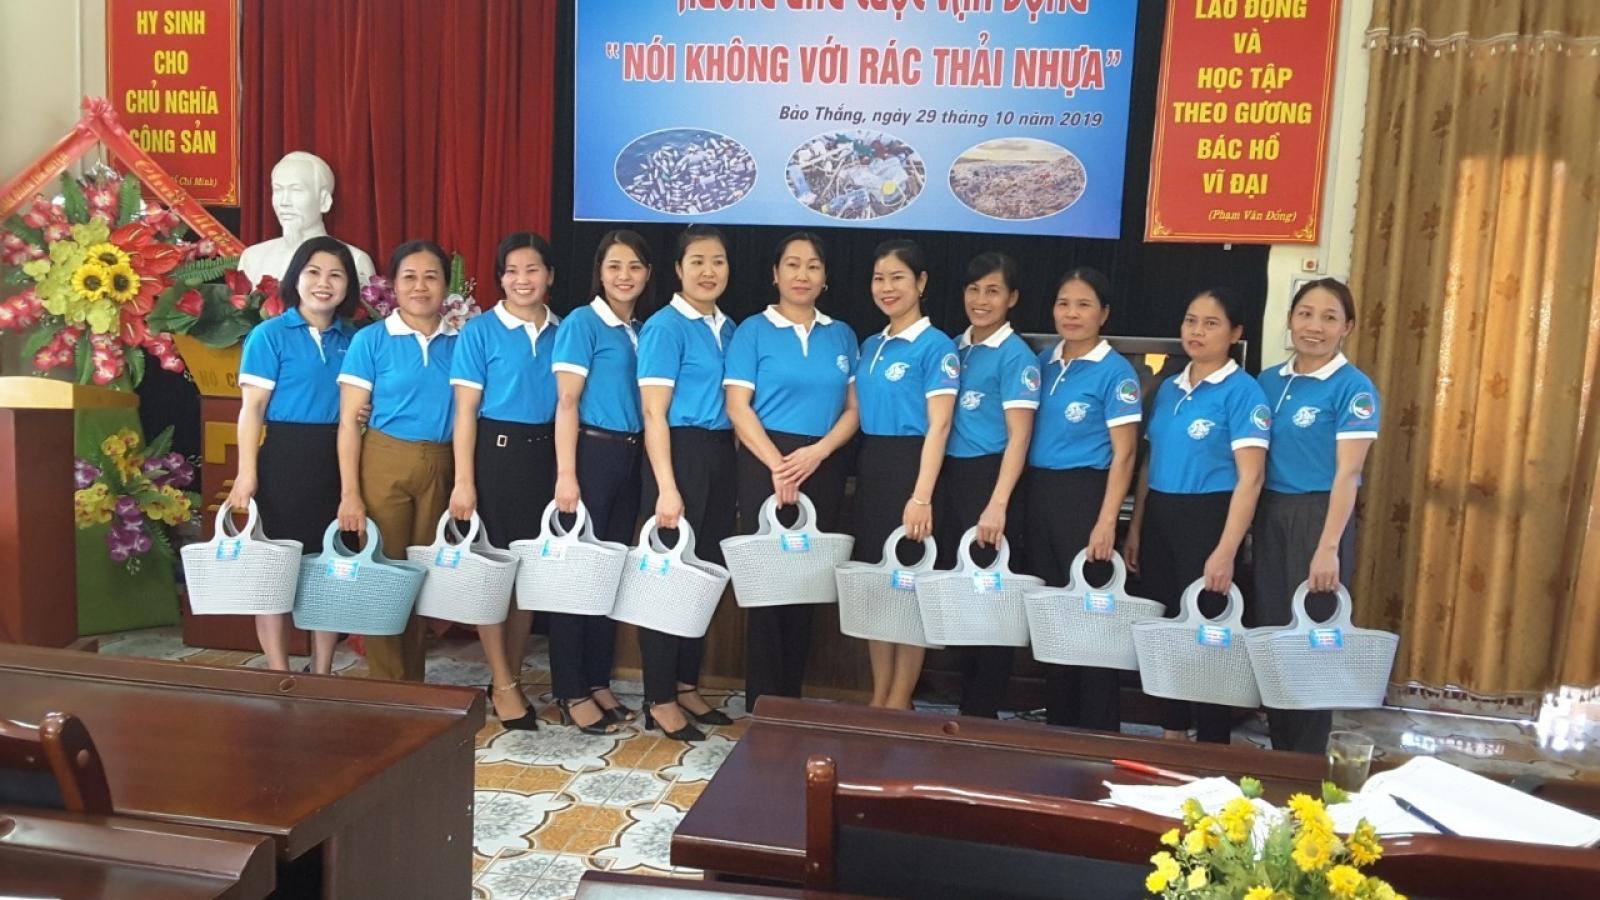 Phụ nữ Lào Cai dùng làn nhựa để giảm... rác thải nhựa